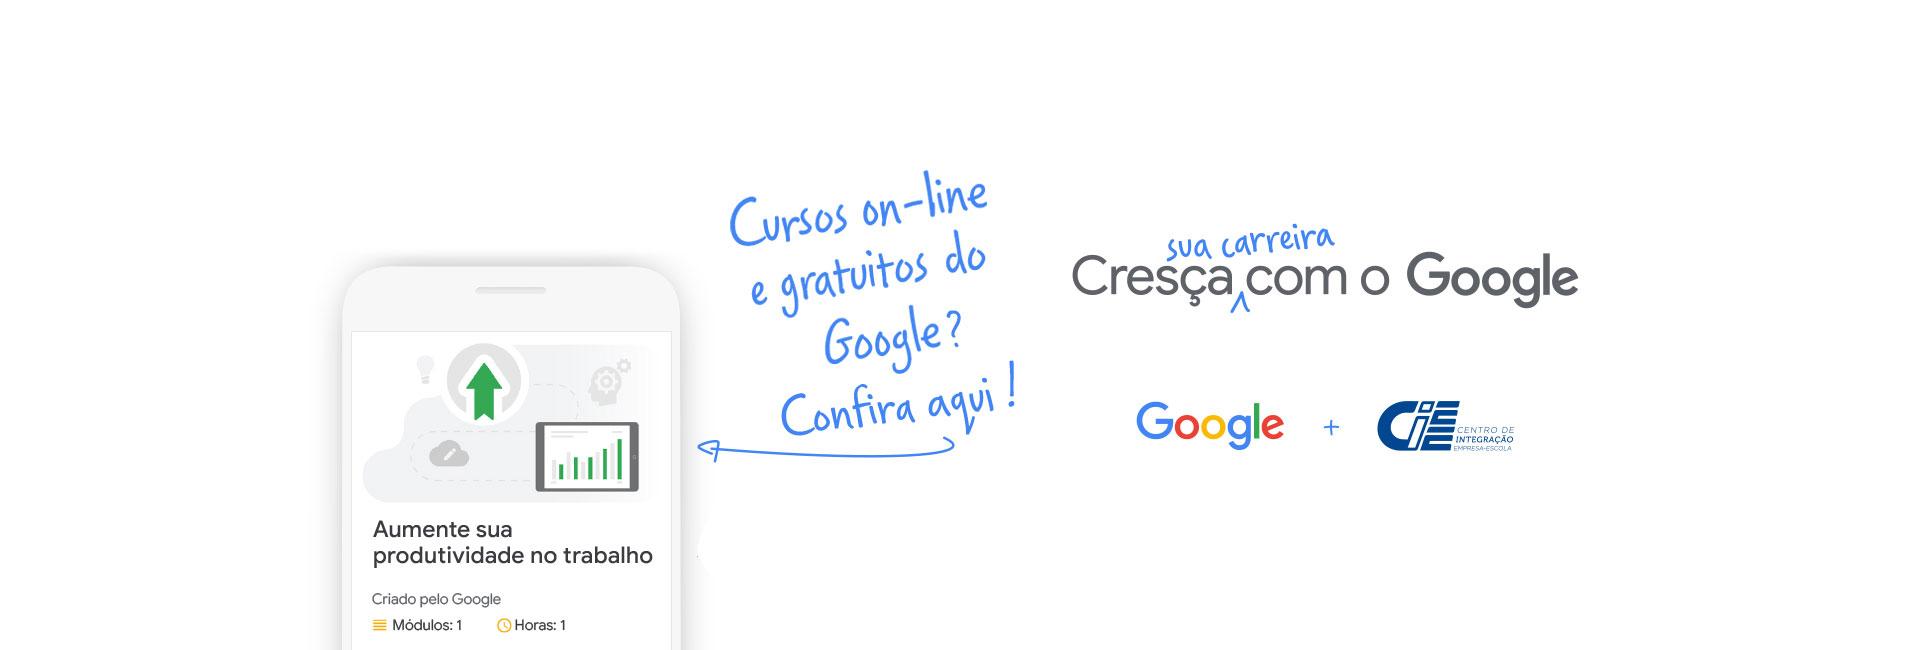 Cresça com o Google - Cursos on-line e gratuitos do Google - Esteja preparado para novos desafios com o Google Ateliê Digital g.co/AtelieDigital